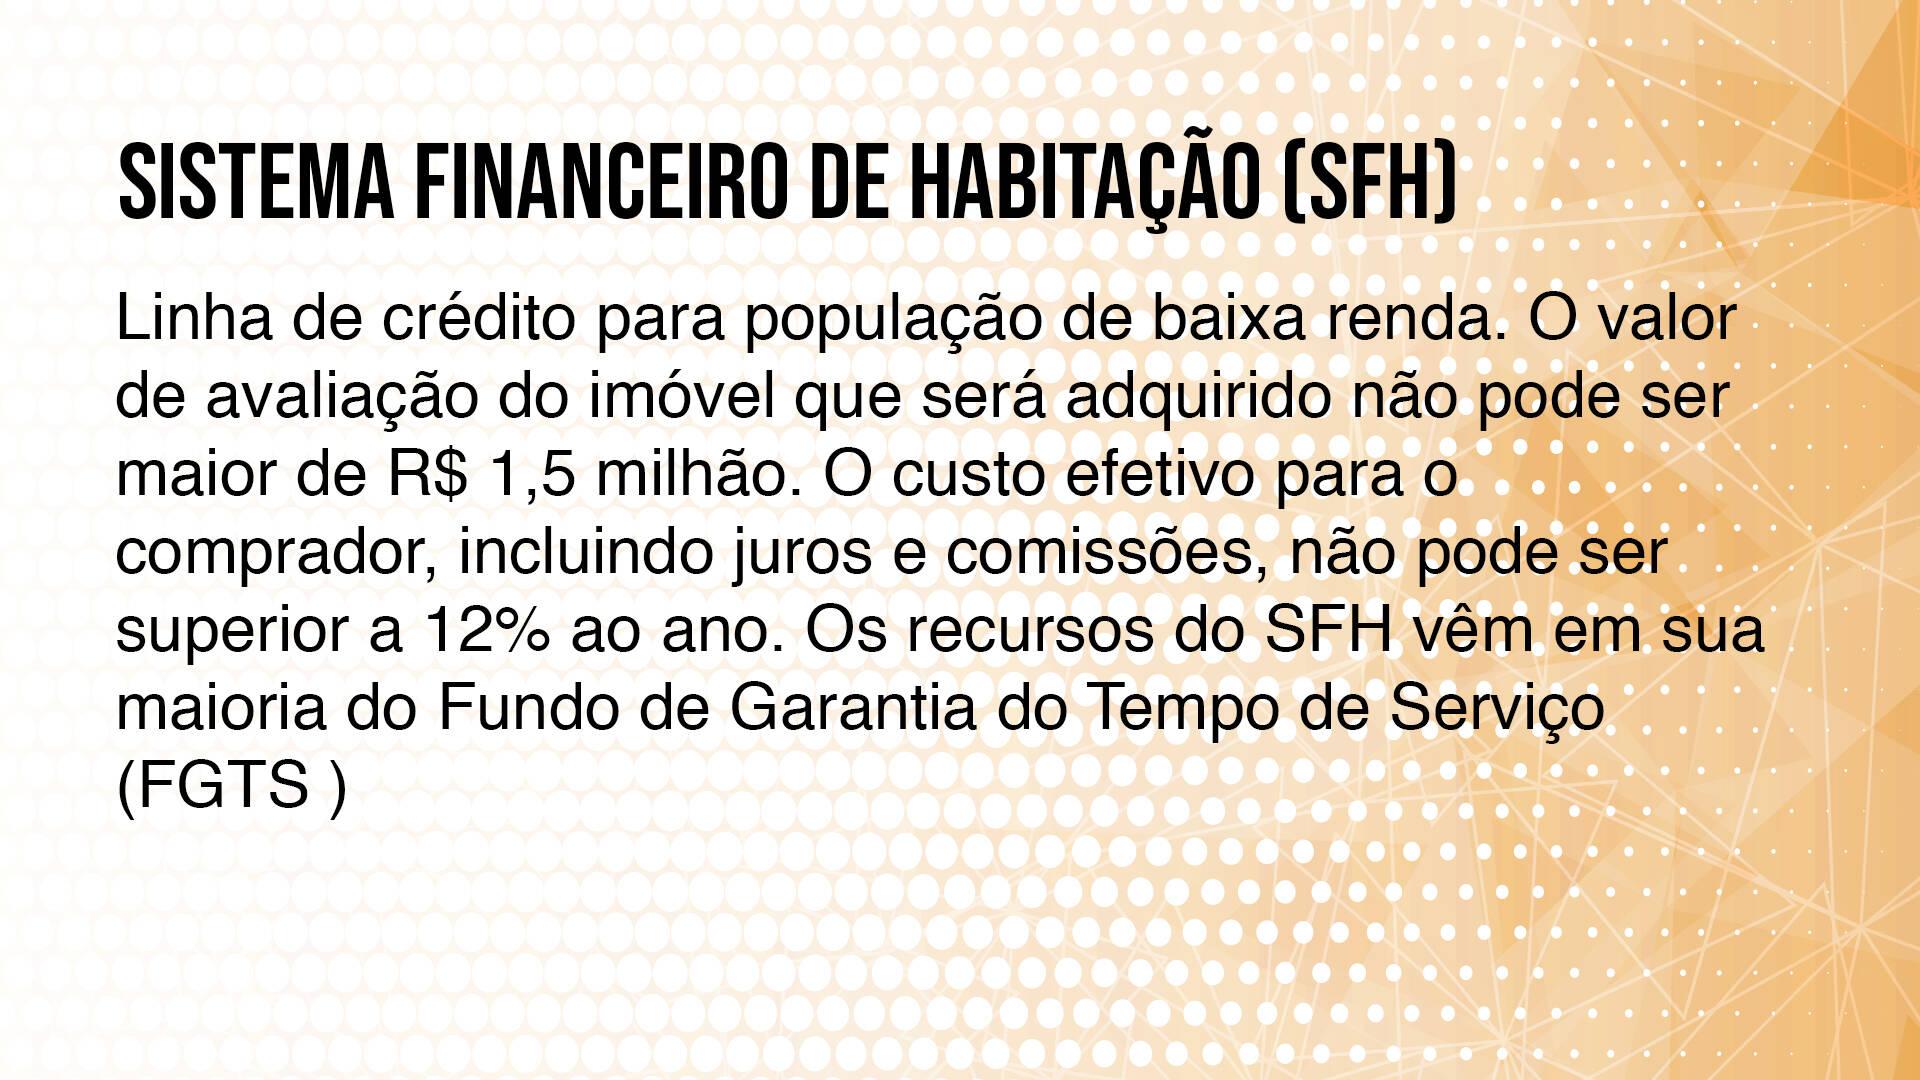 Financiamento da Casa Própria. Foto: webdesigner ig